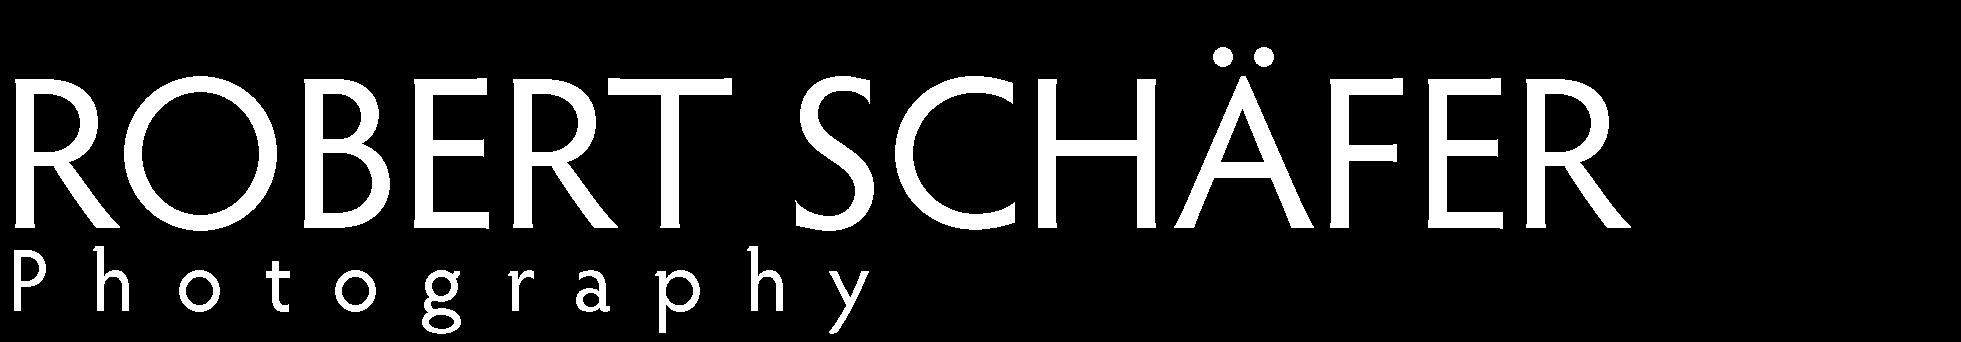 ROBERT SCHÄFER